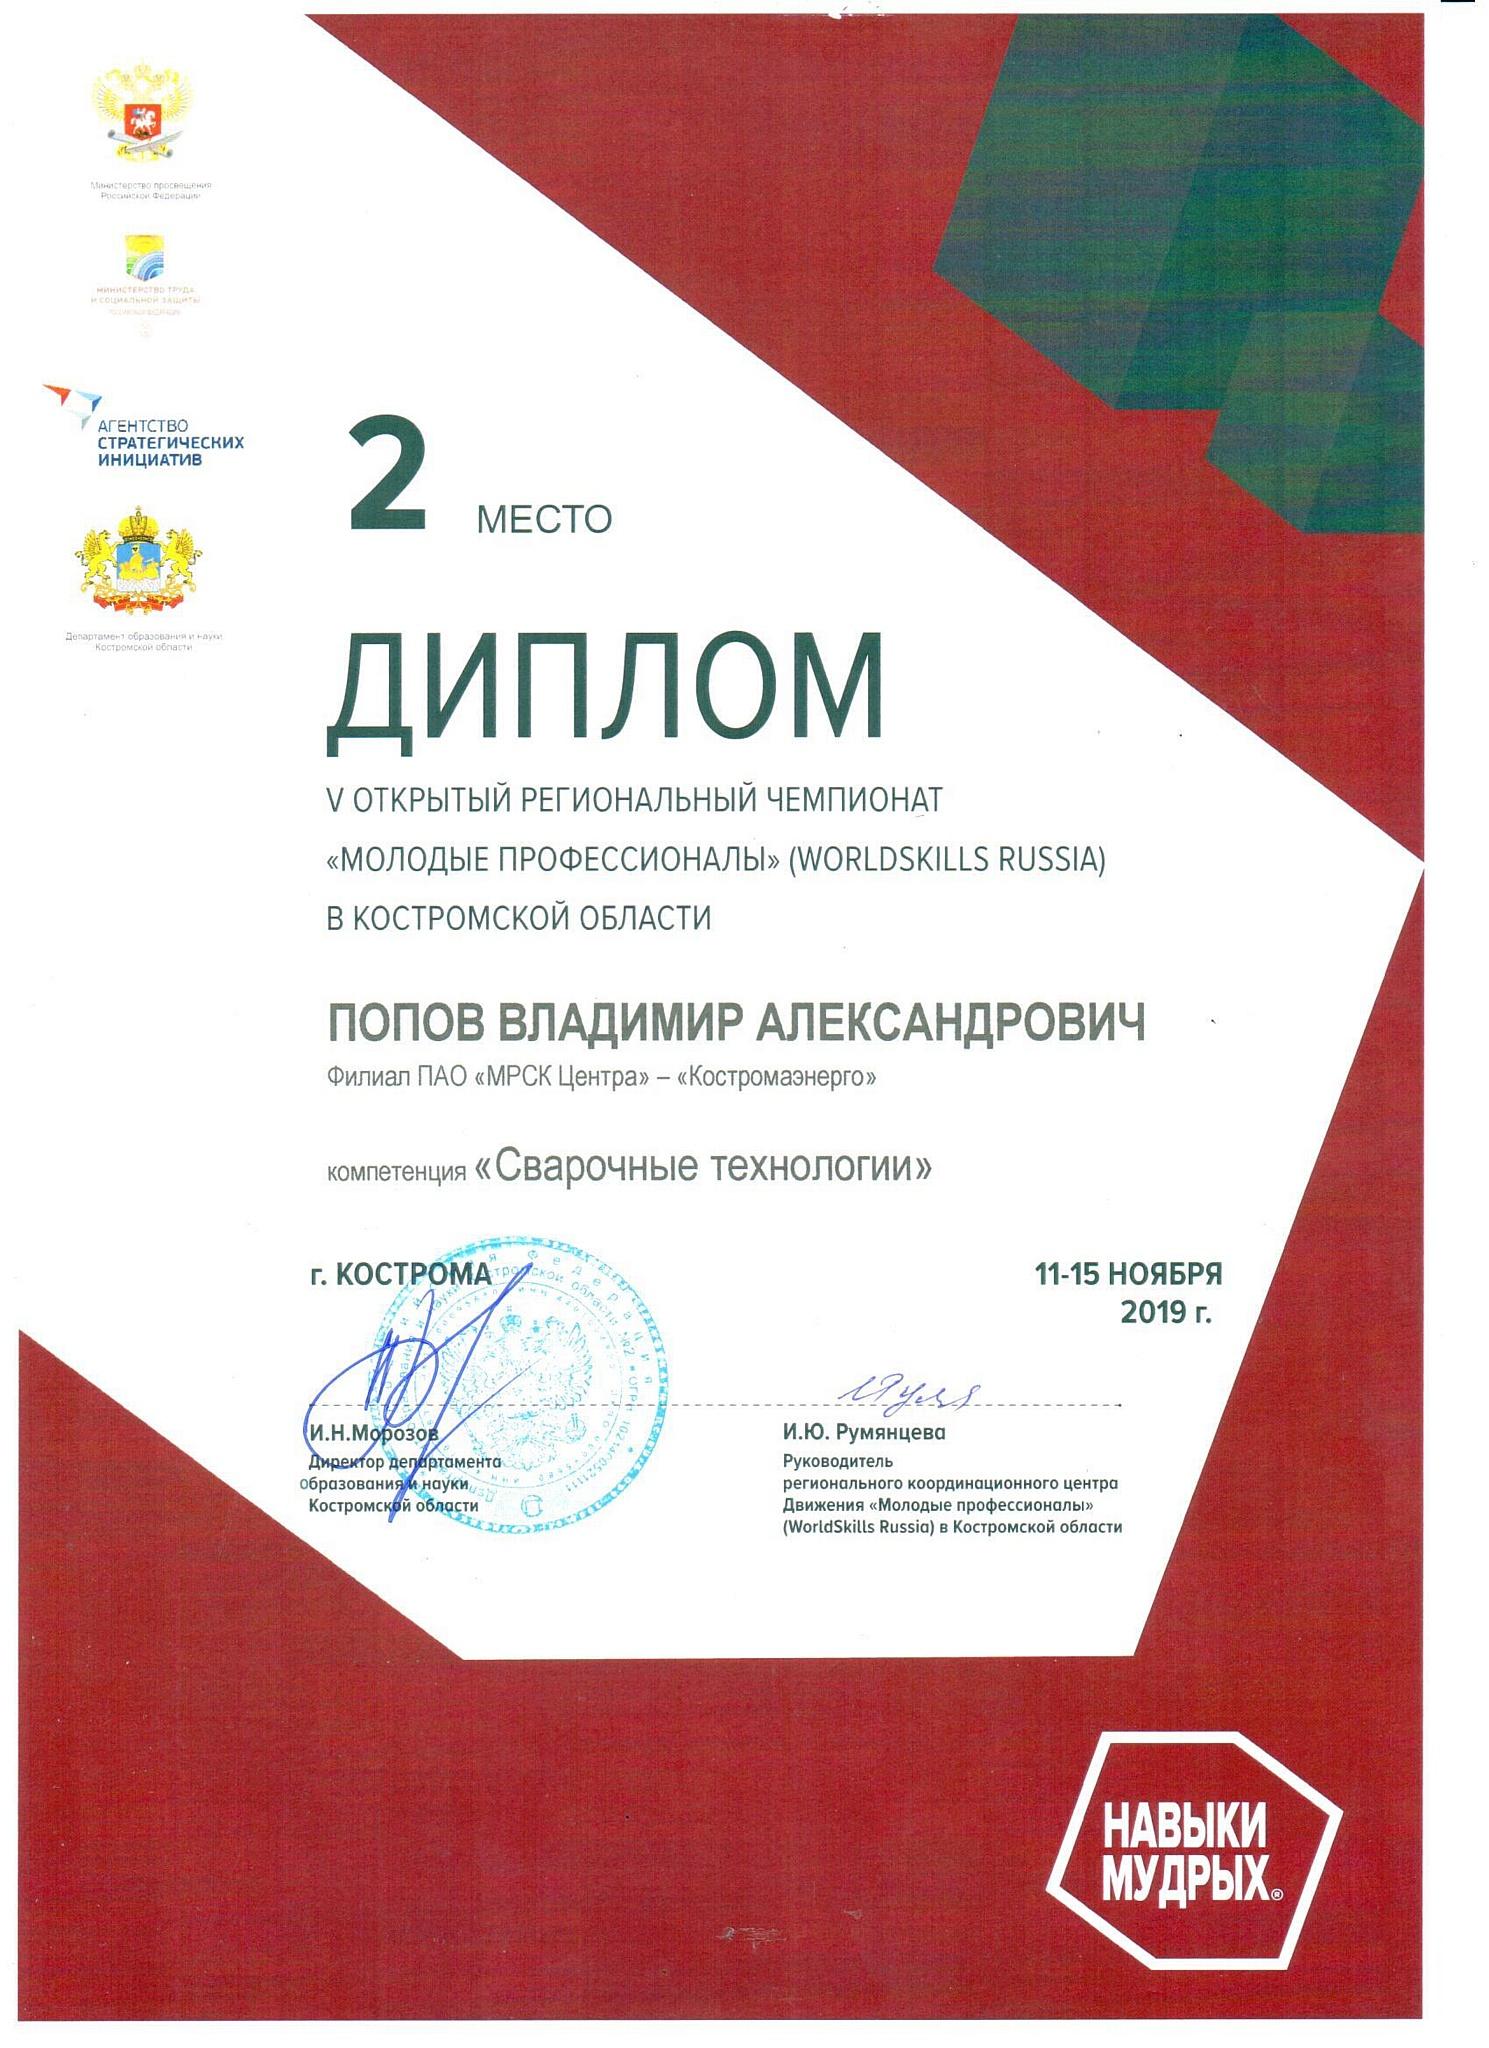 Сотрудник Костромаэнерго стал призером регионального чемпионата